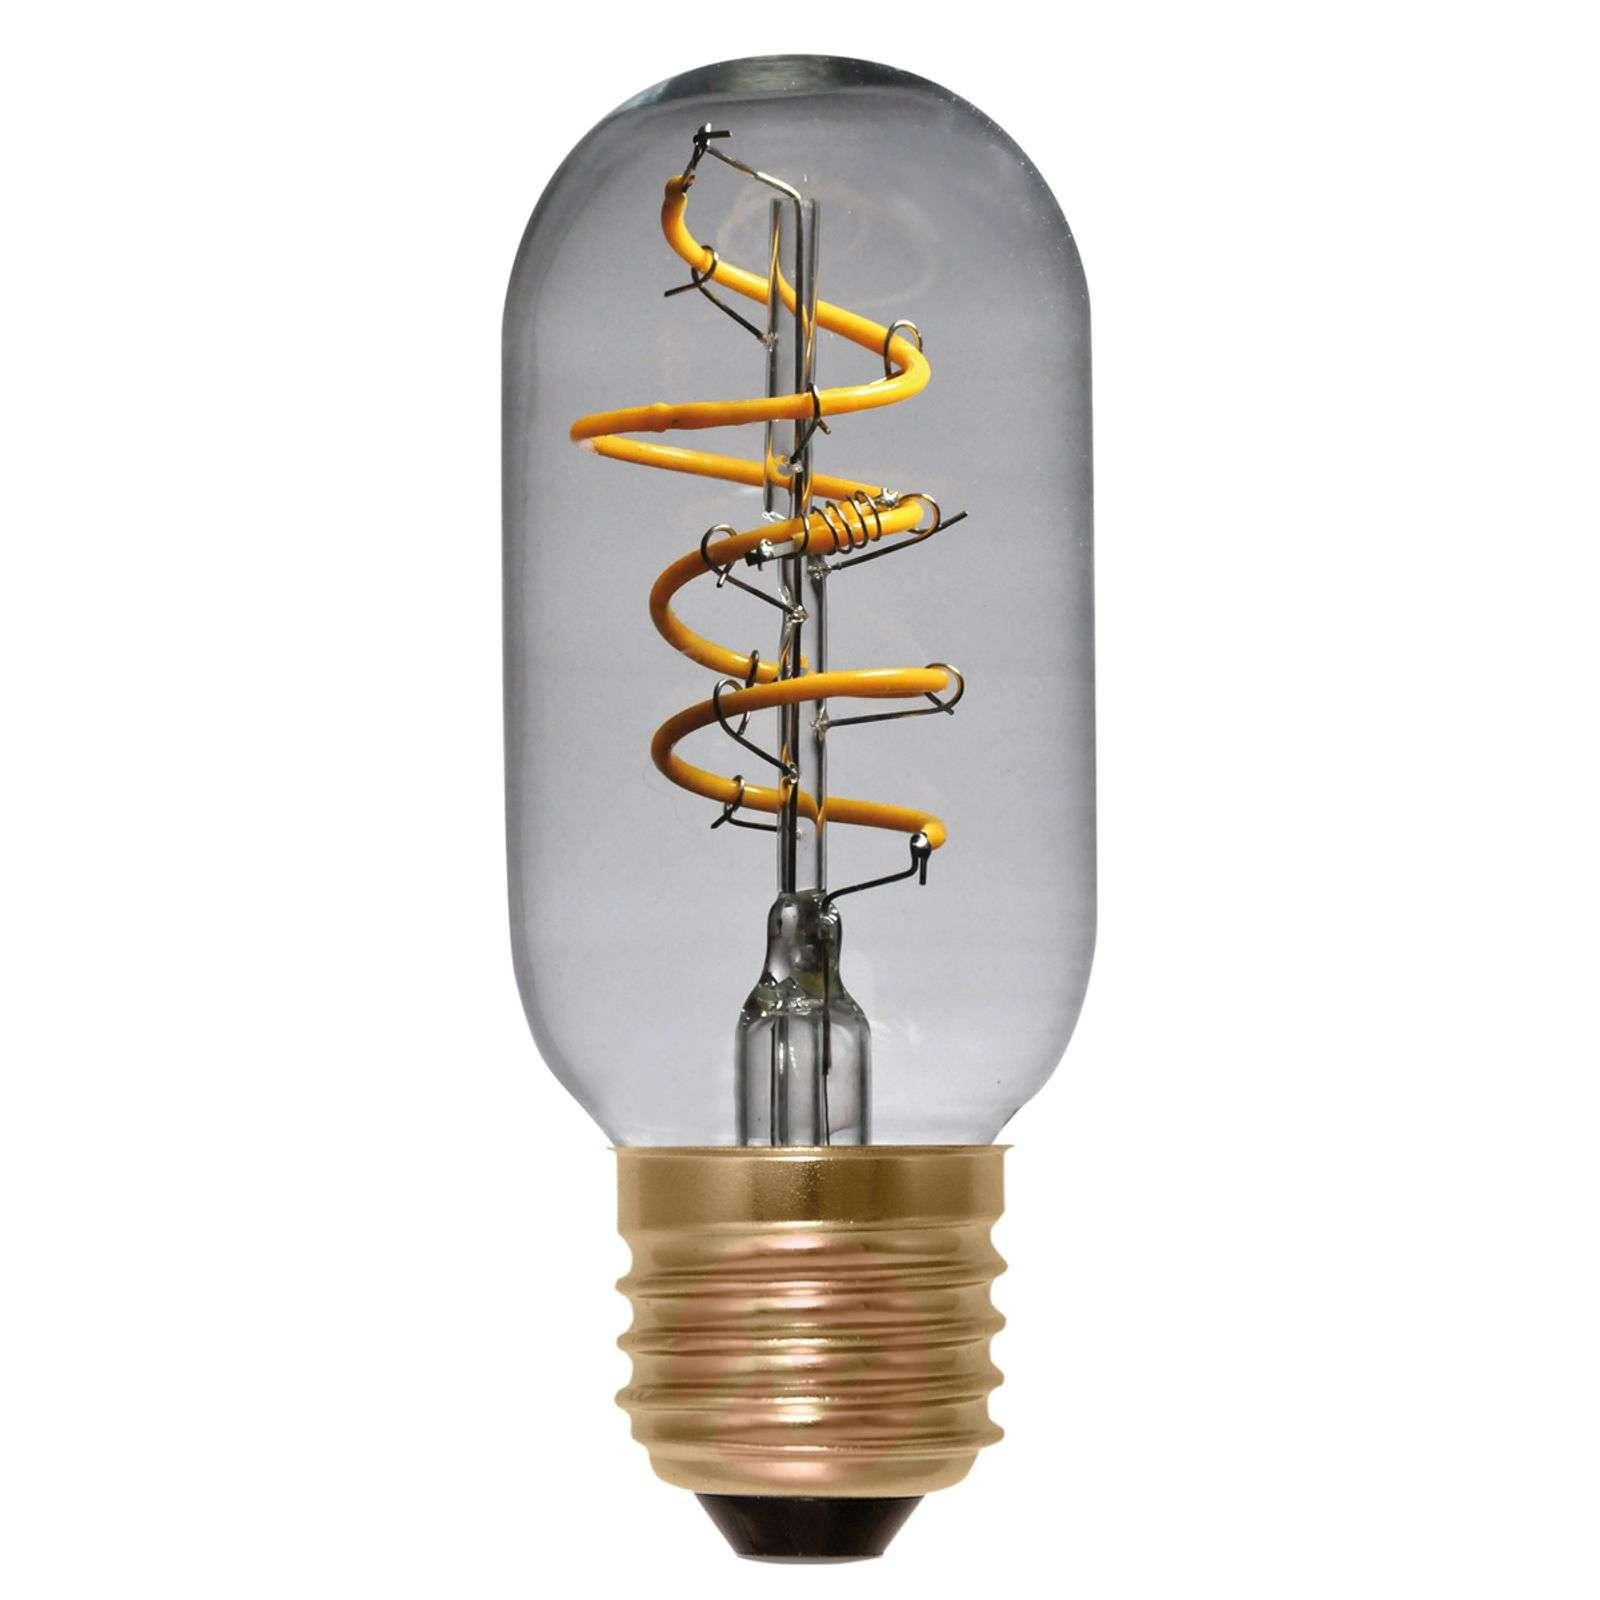 LED-lamppu Curved Line E27 4W 922, kirkas-8536163-02